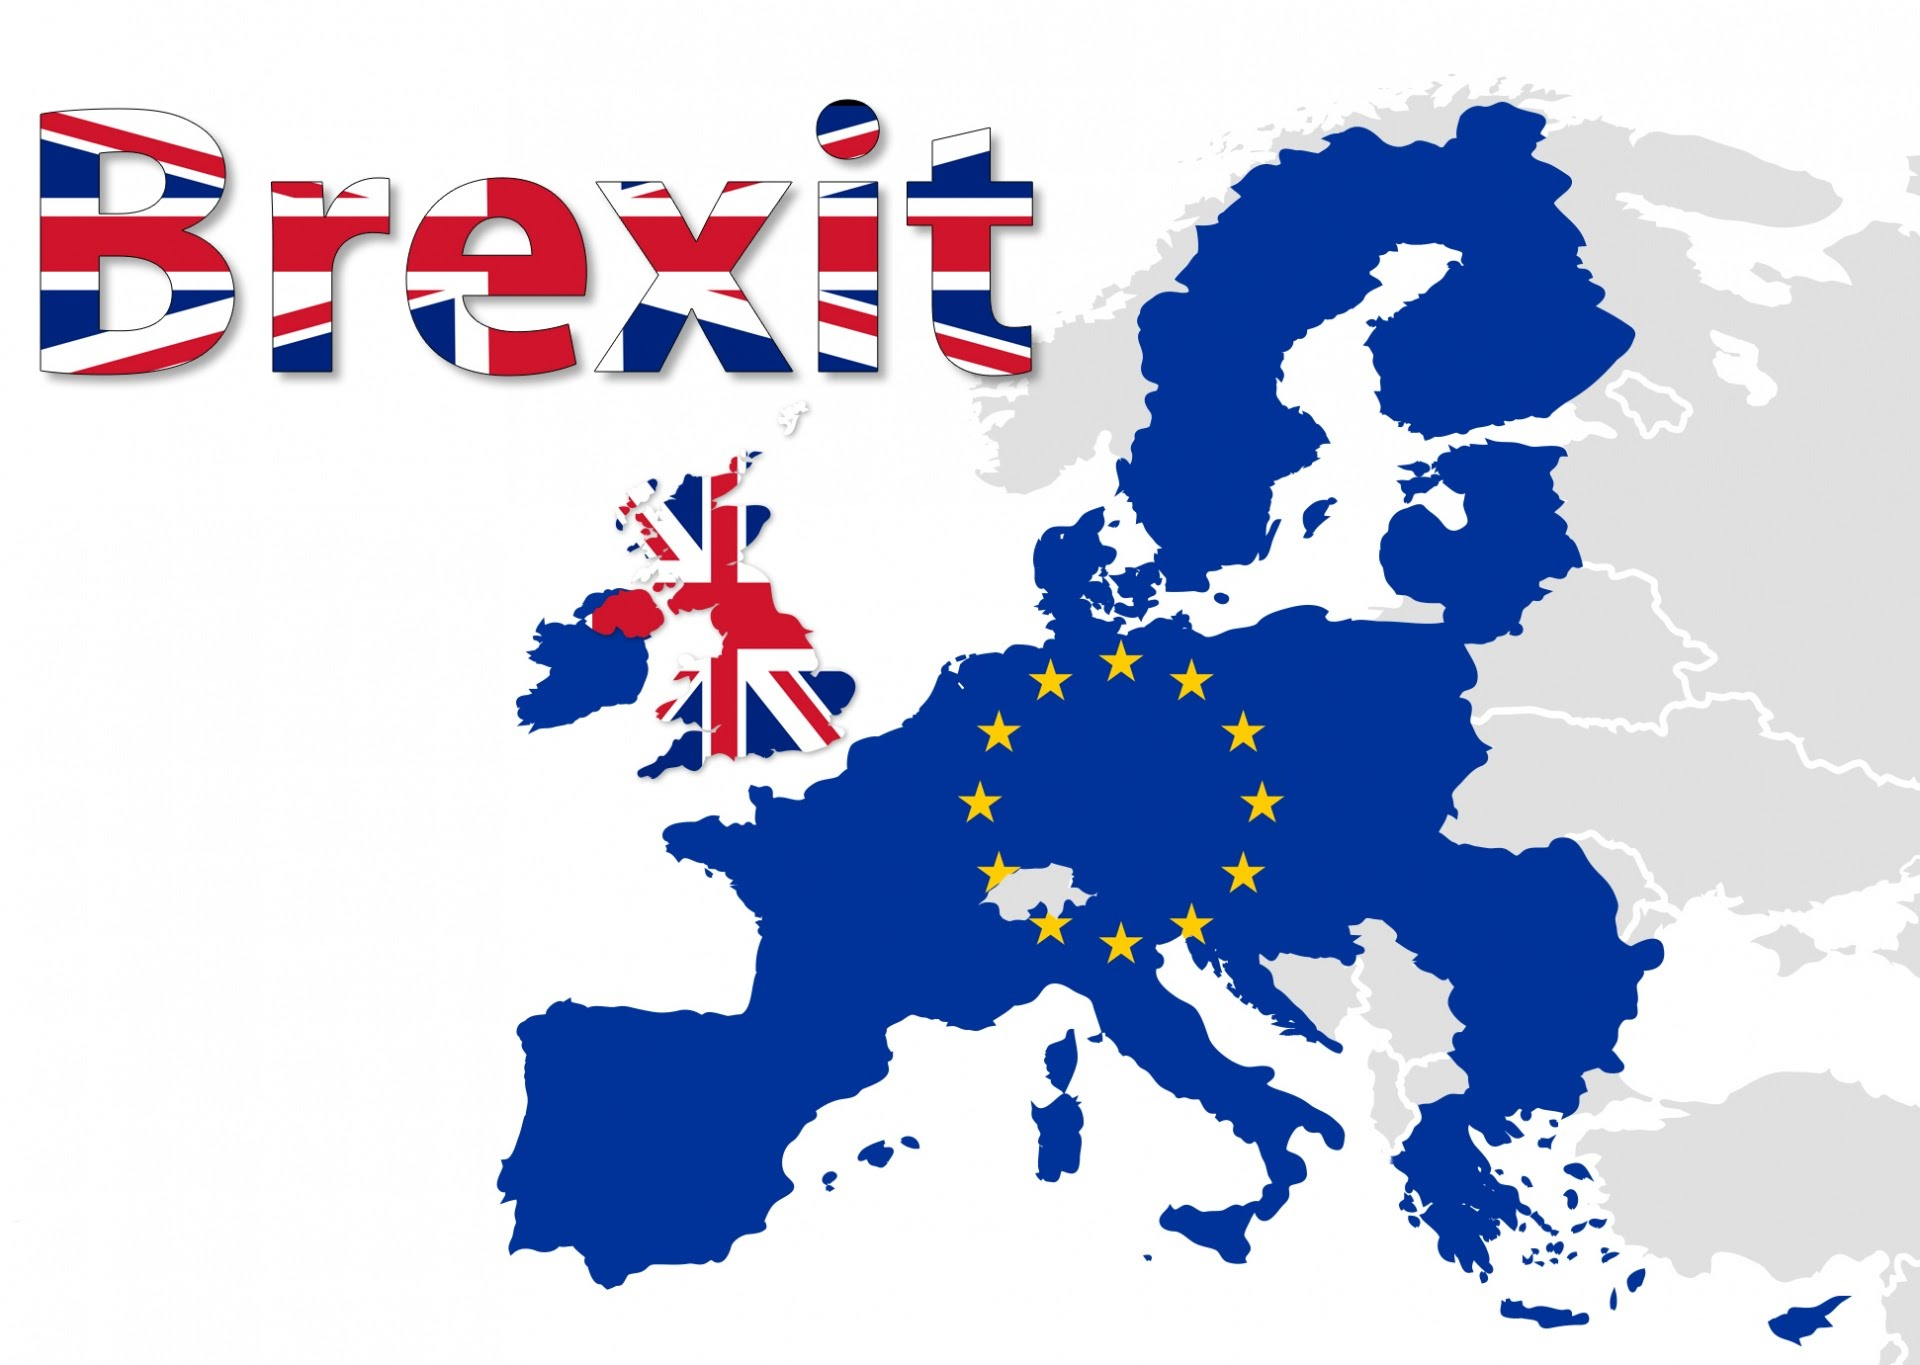 Dopo la Brexit come si comporteranno i turisti del Regno Unito?